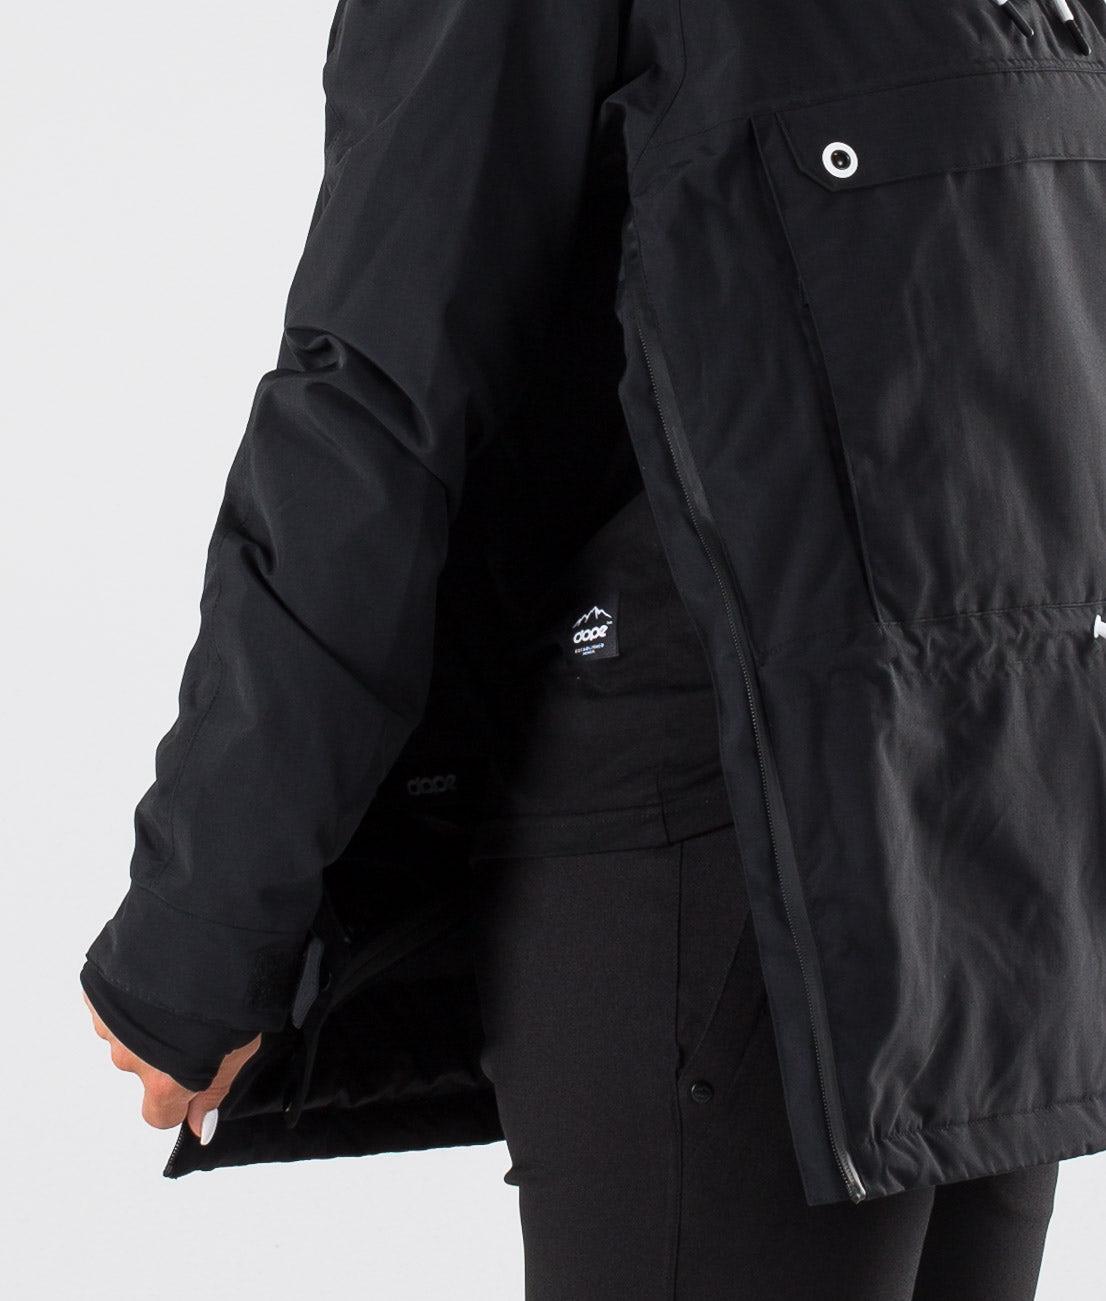 Kjøp Annok W Skijakke fra Dope på Ridestore.no - Hos oss har du alltid fri frakt, fri retur og 30 dagers åpent kjøp!